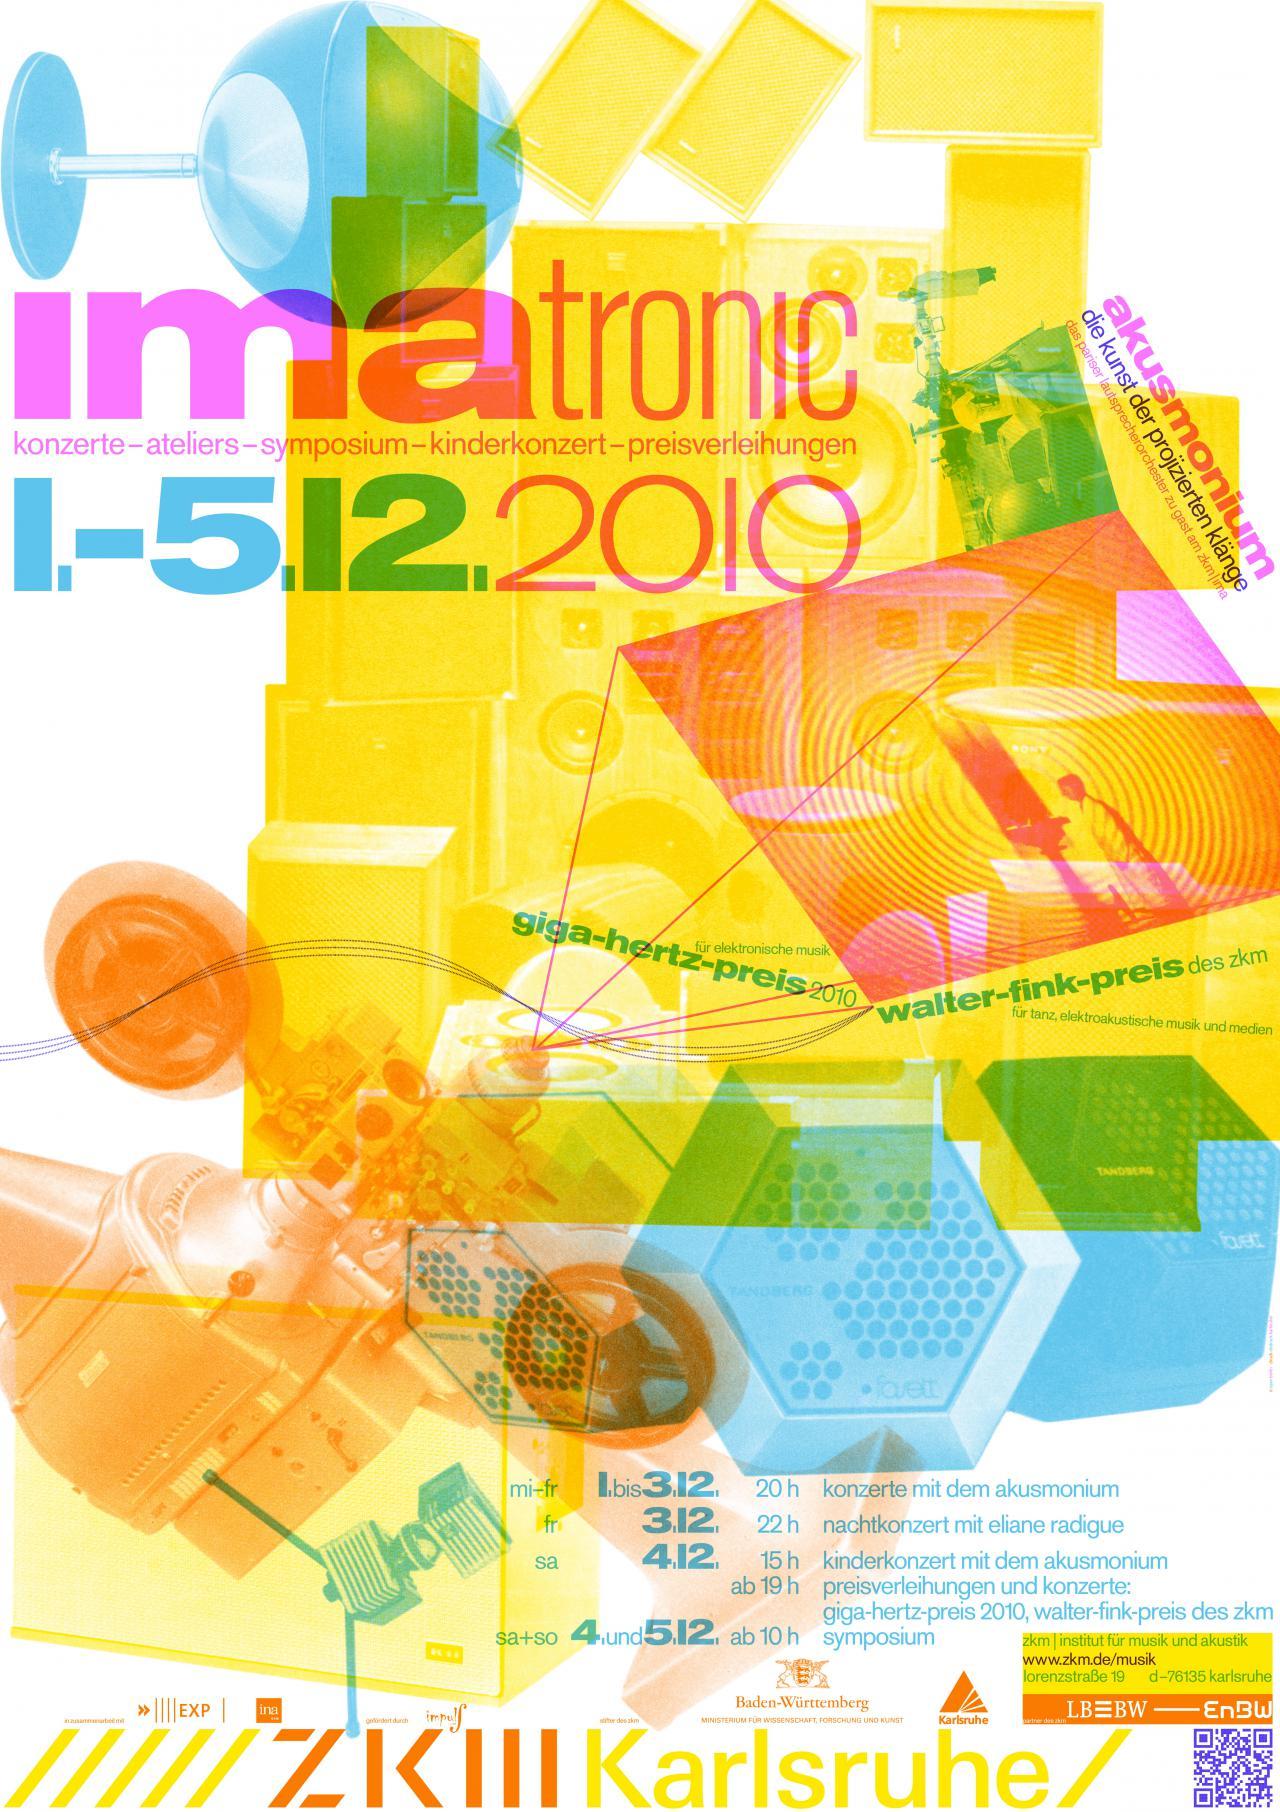 Plakat des Giga-Hertz-Preis 2010 am ZKM | Karlsruhe